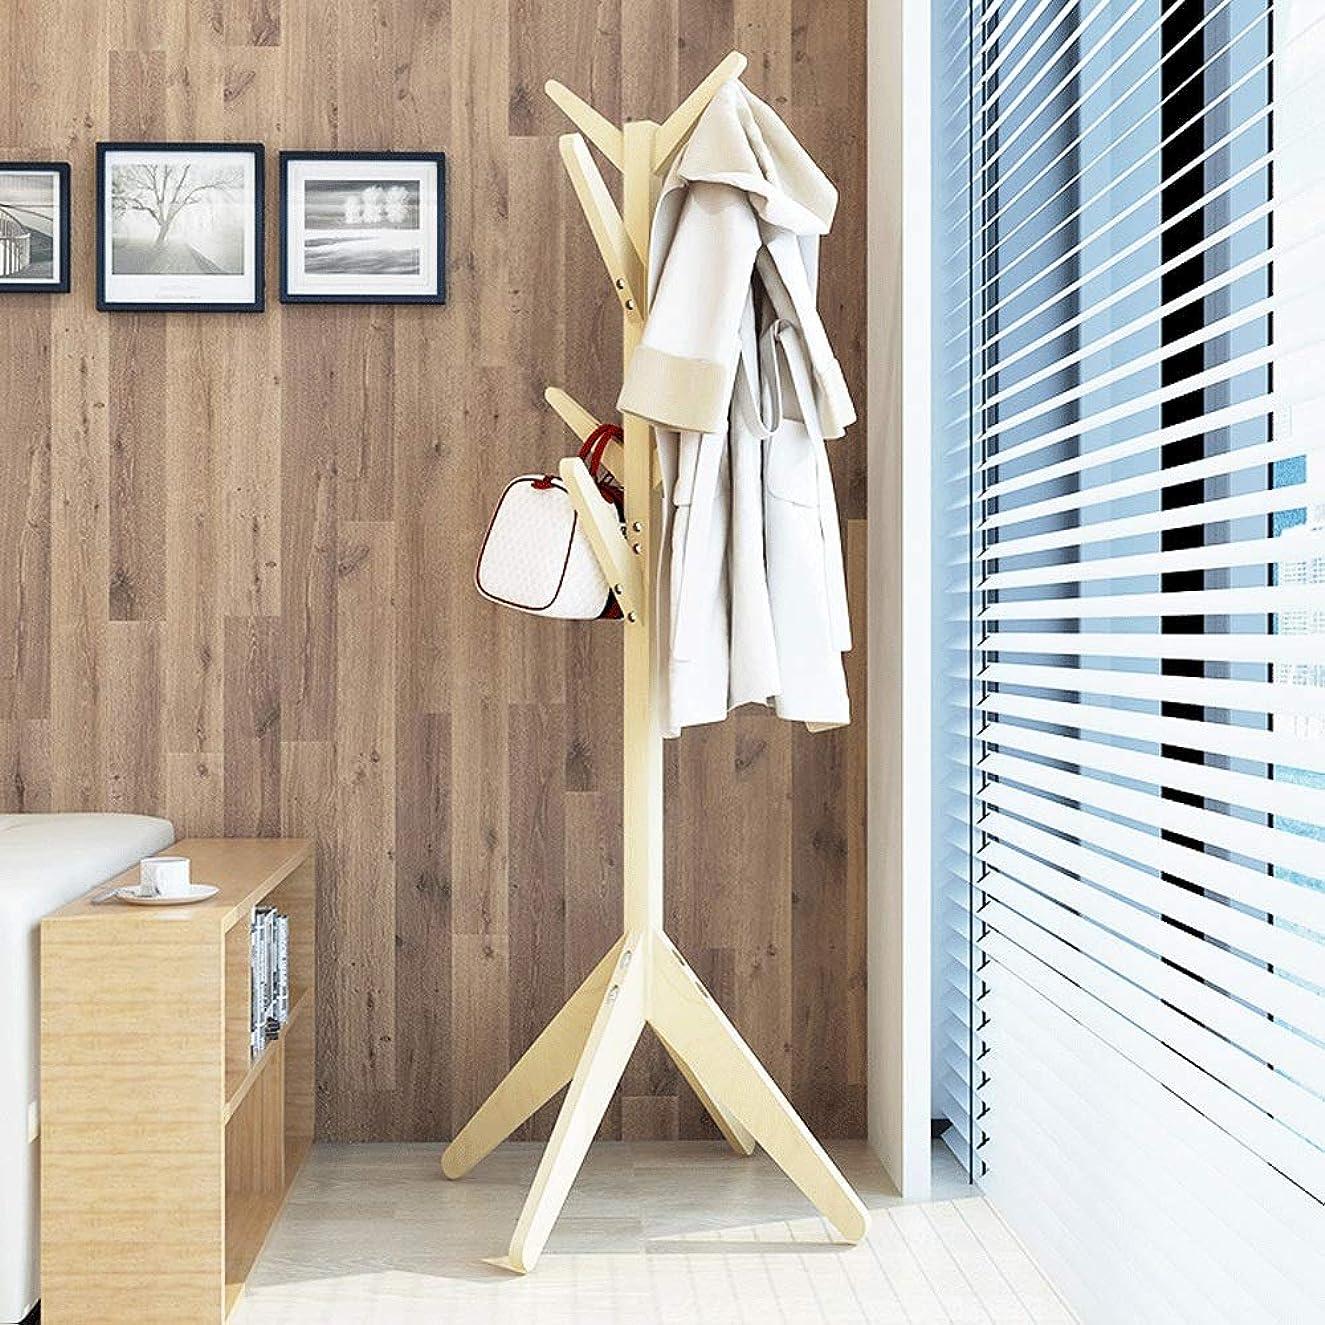 吸い込む謝るカーペット耐久性のある木製コートラックスタンド出入口ホールツリーコートツリー用帽子服財布スカーフハンドバッグ傘 たくさんのストレージをもたらす (Color : Natural, Size : 60×169cm)